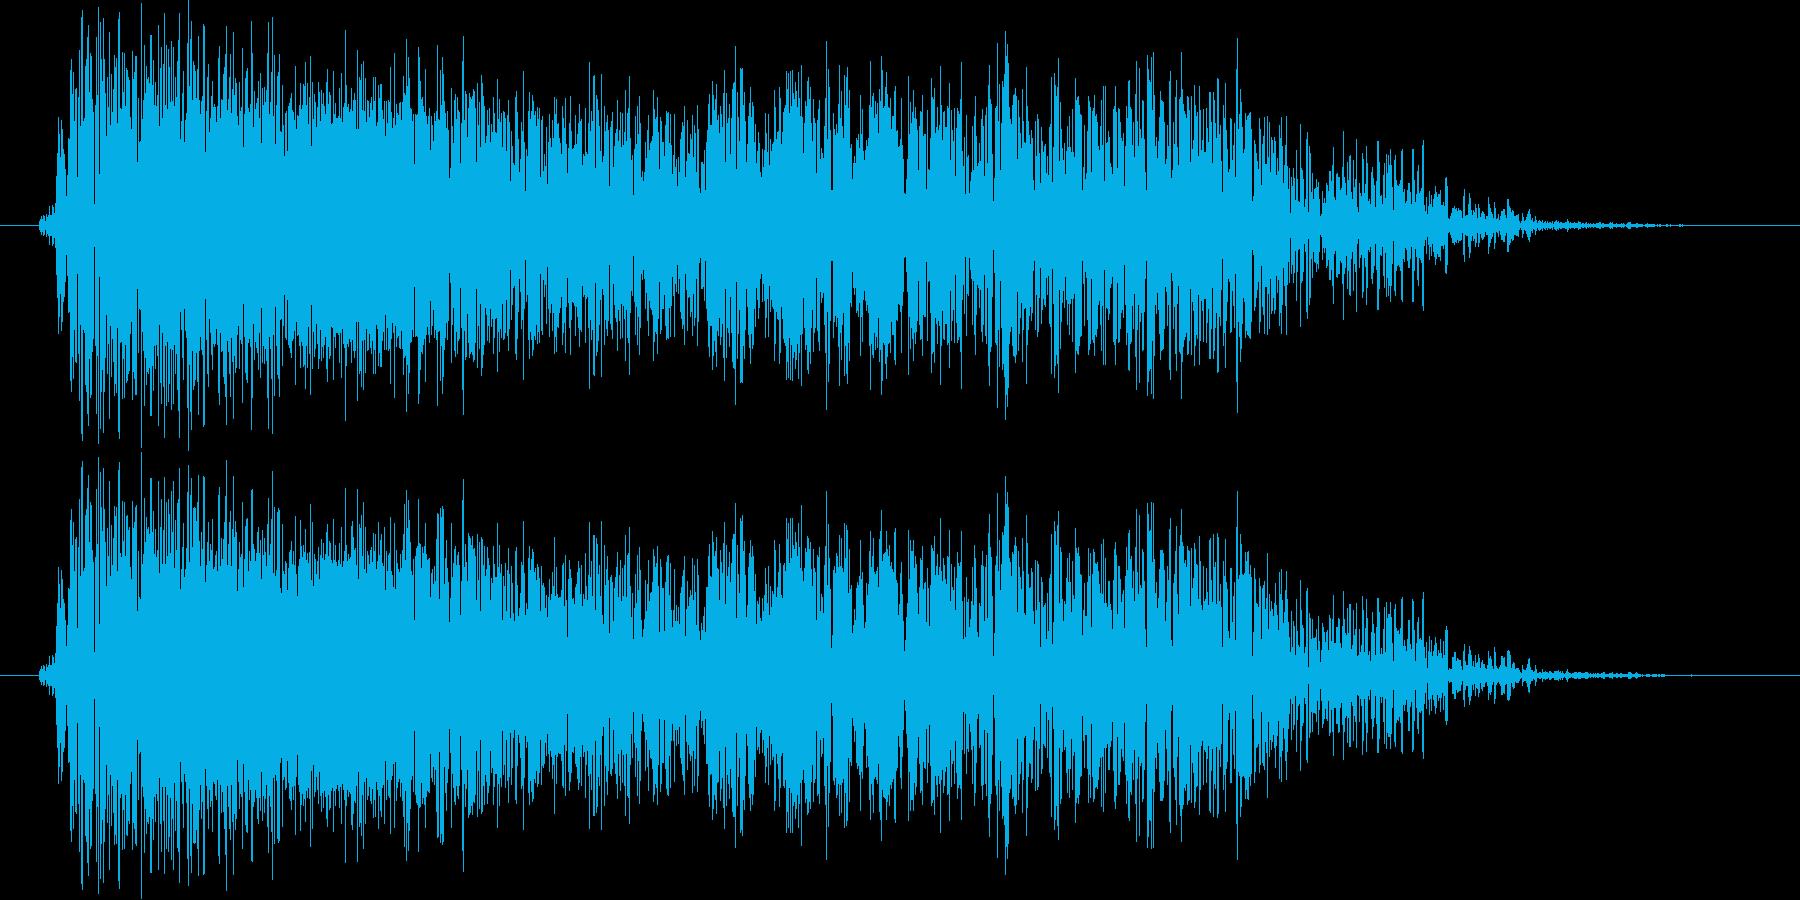 モンスター ガオー 01の再生済みの波形